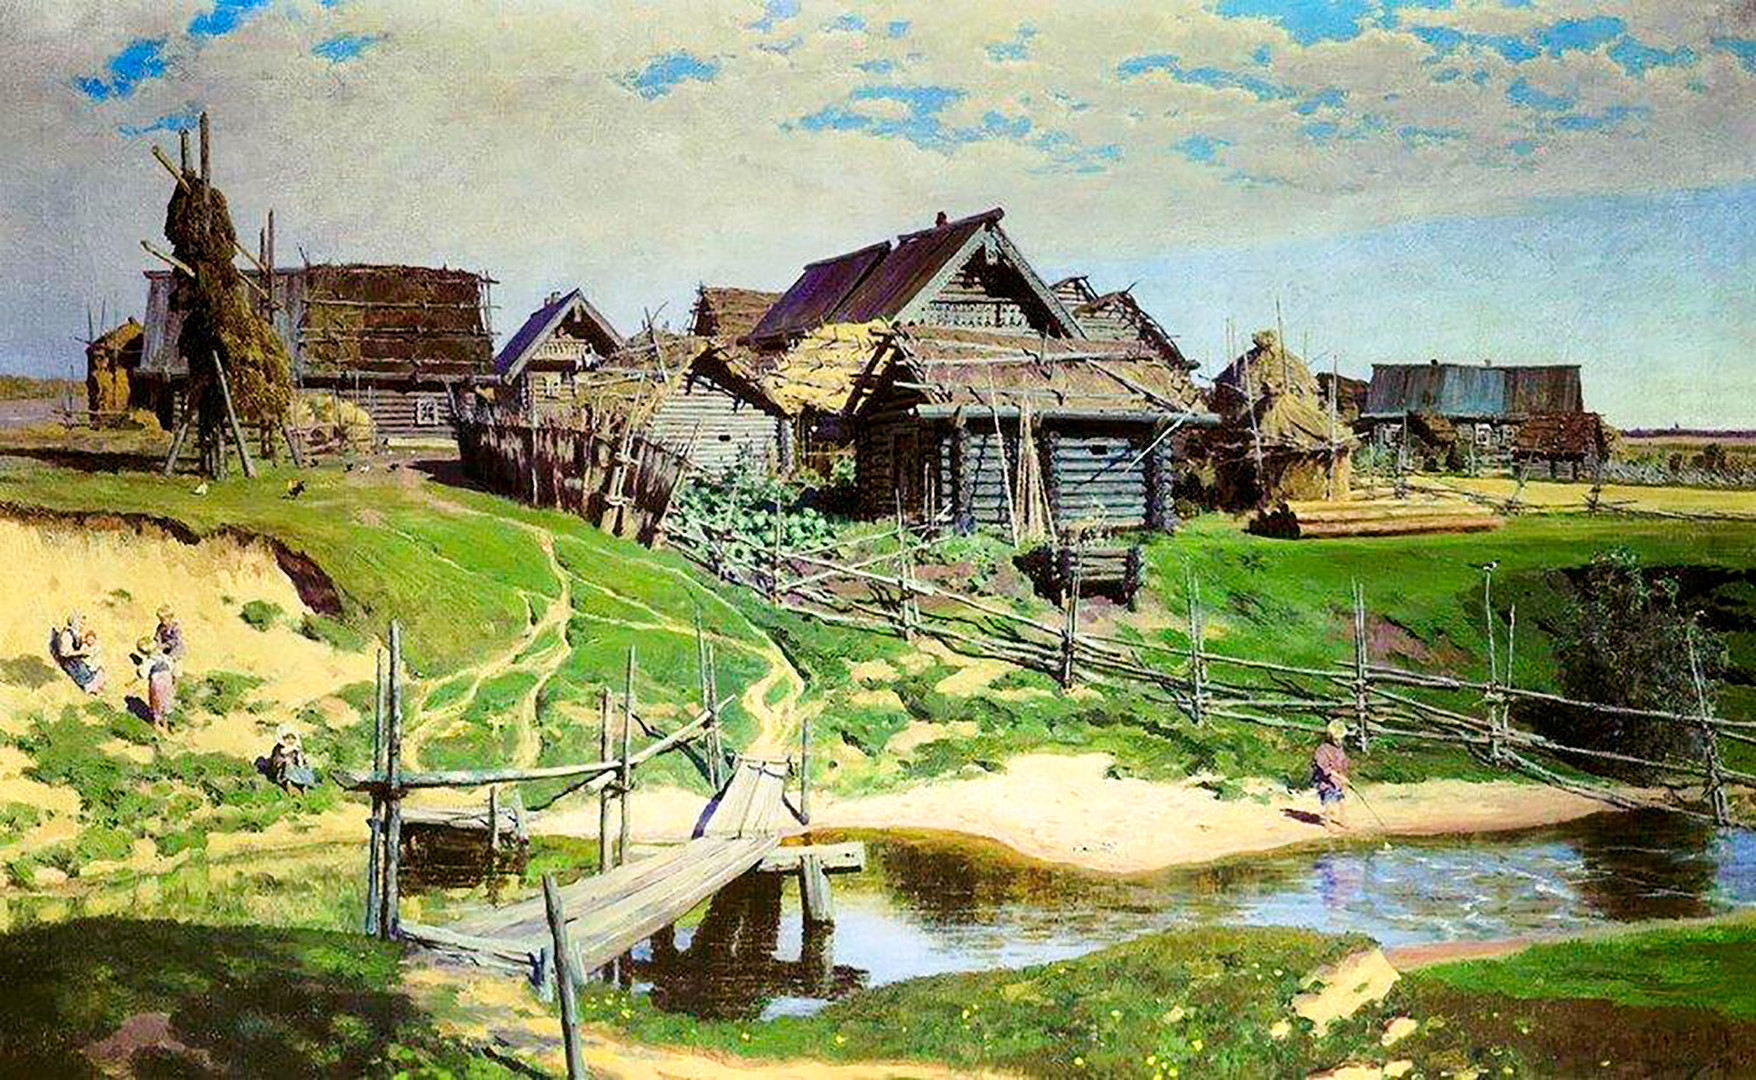 「ロシアの村」、ワシーリー・ポレーノフ画、1889年